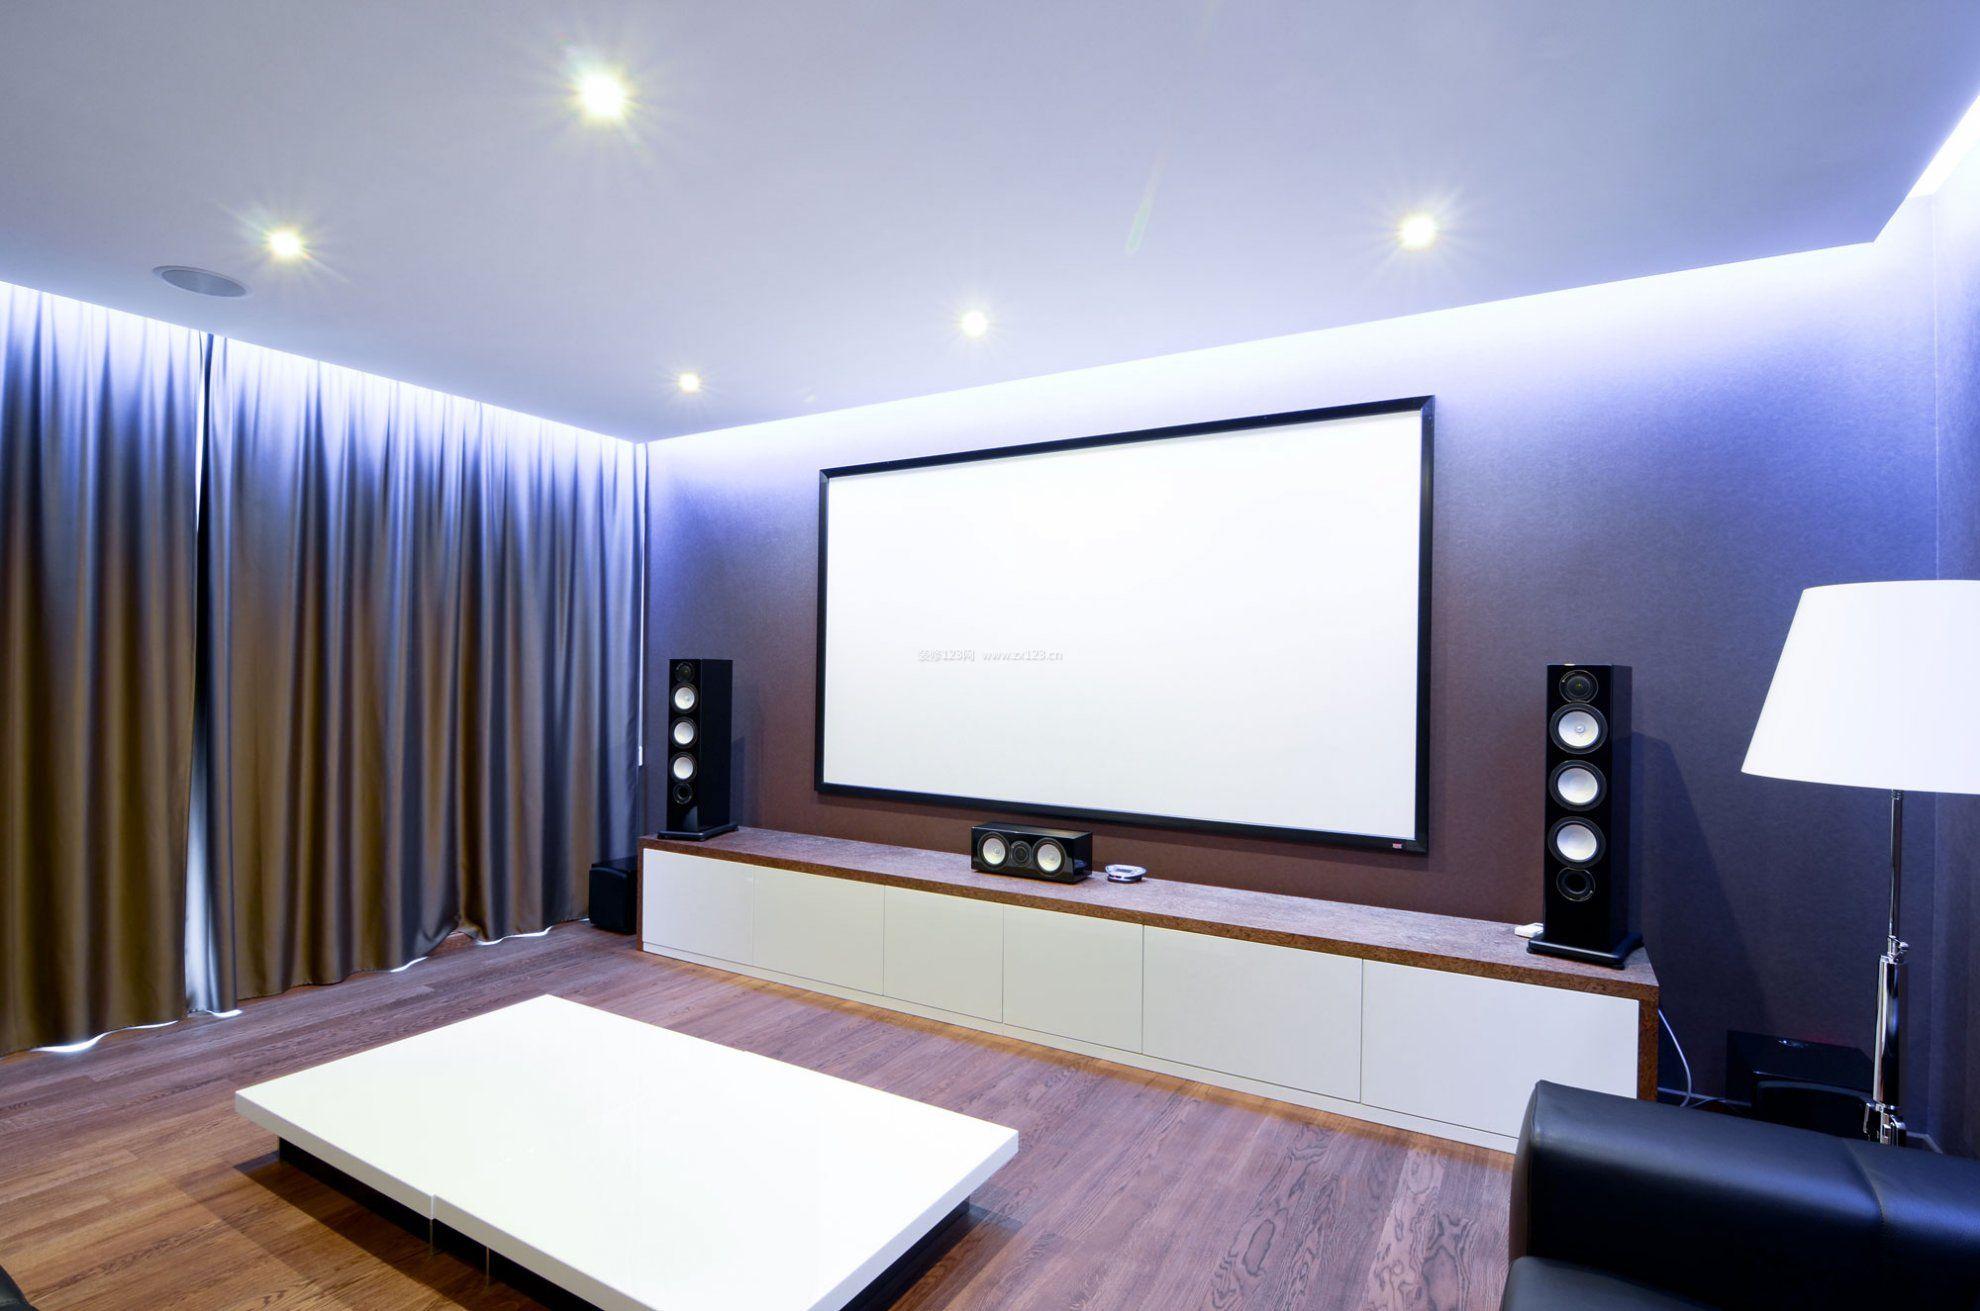 时尚简约室内3d影视墙效果图大全_装修123效果图